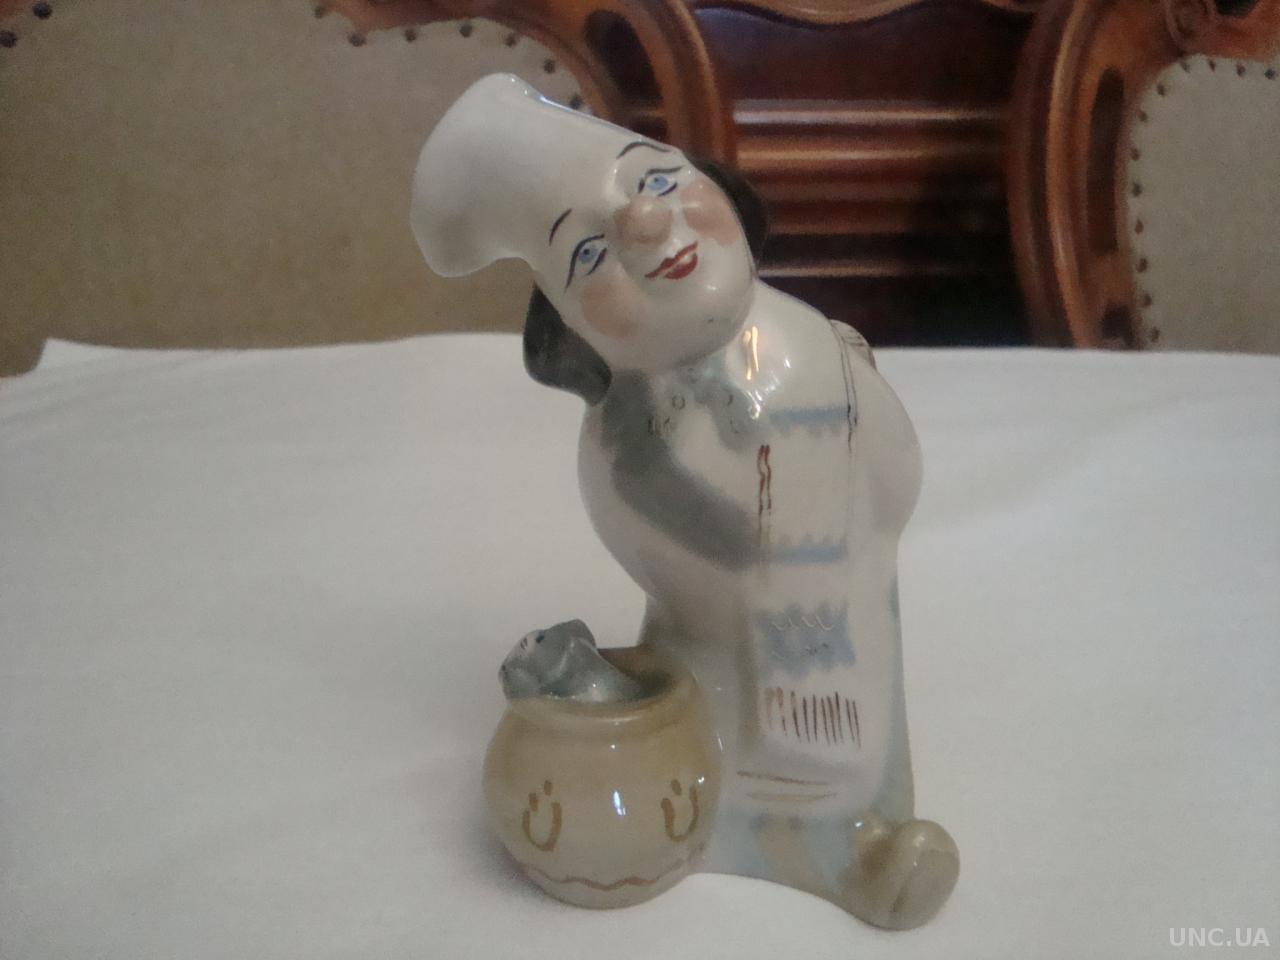 Статуэтка повара-клоуна изготовлена на знаменитом Заводе художественной керамтики города Полонне.